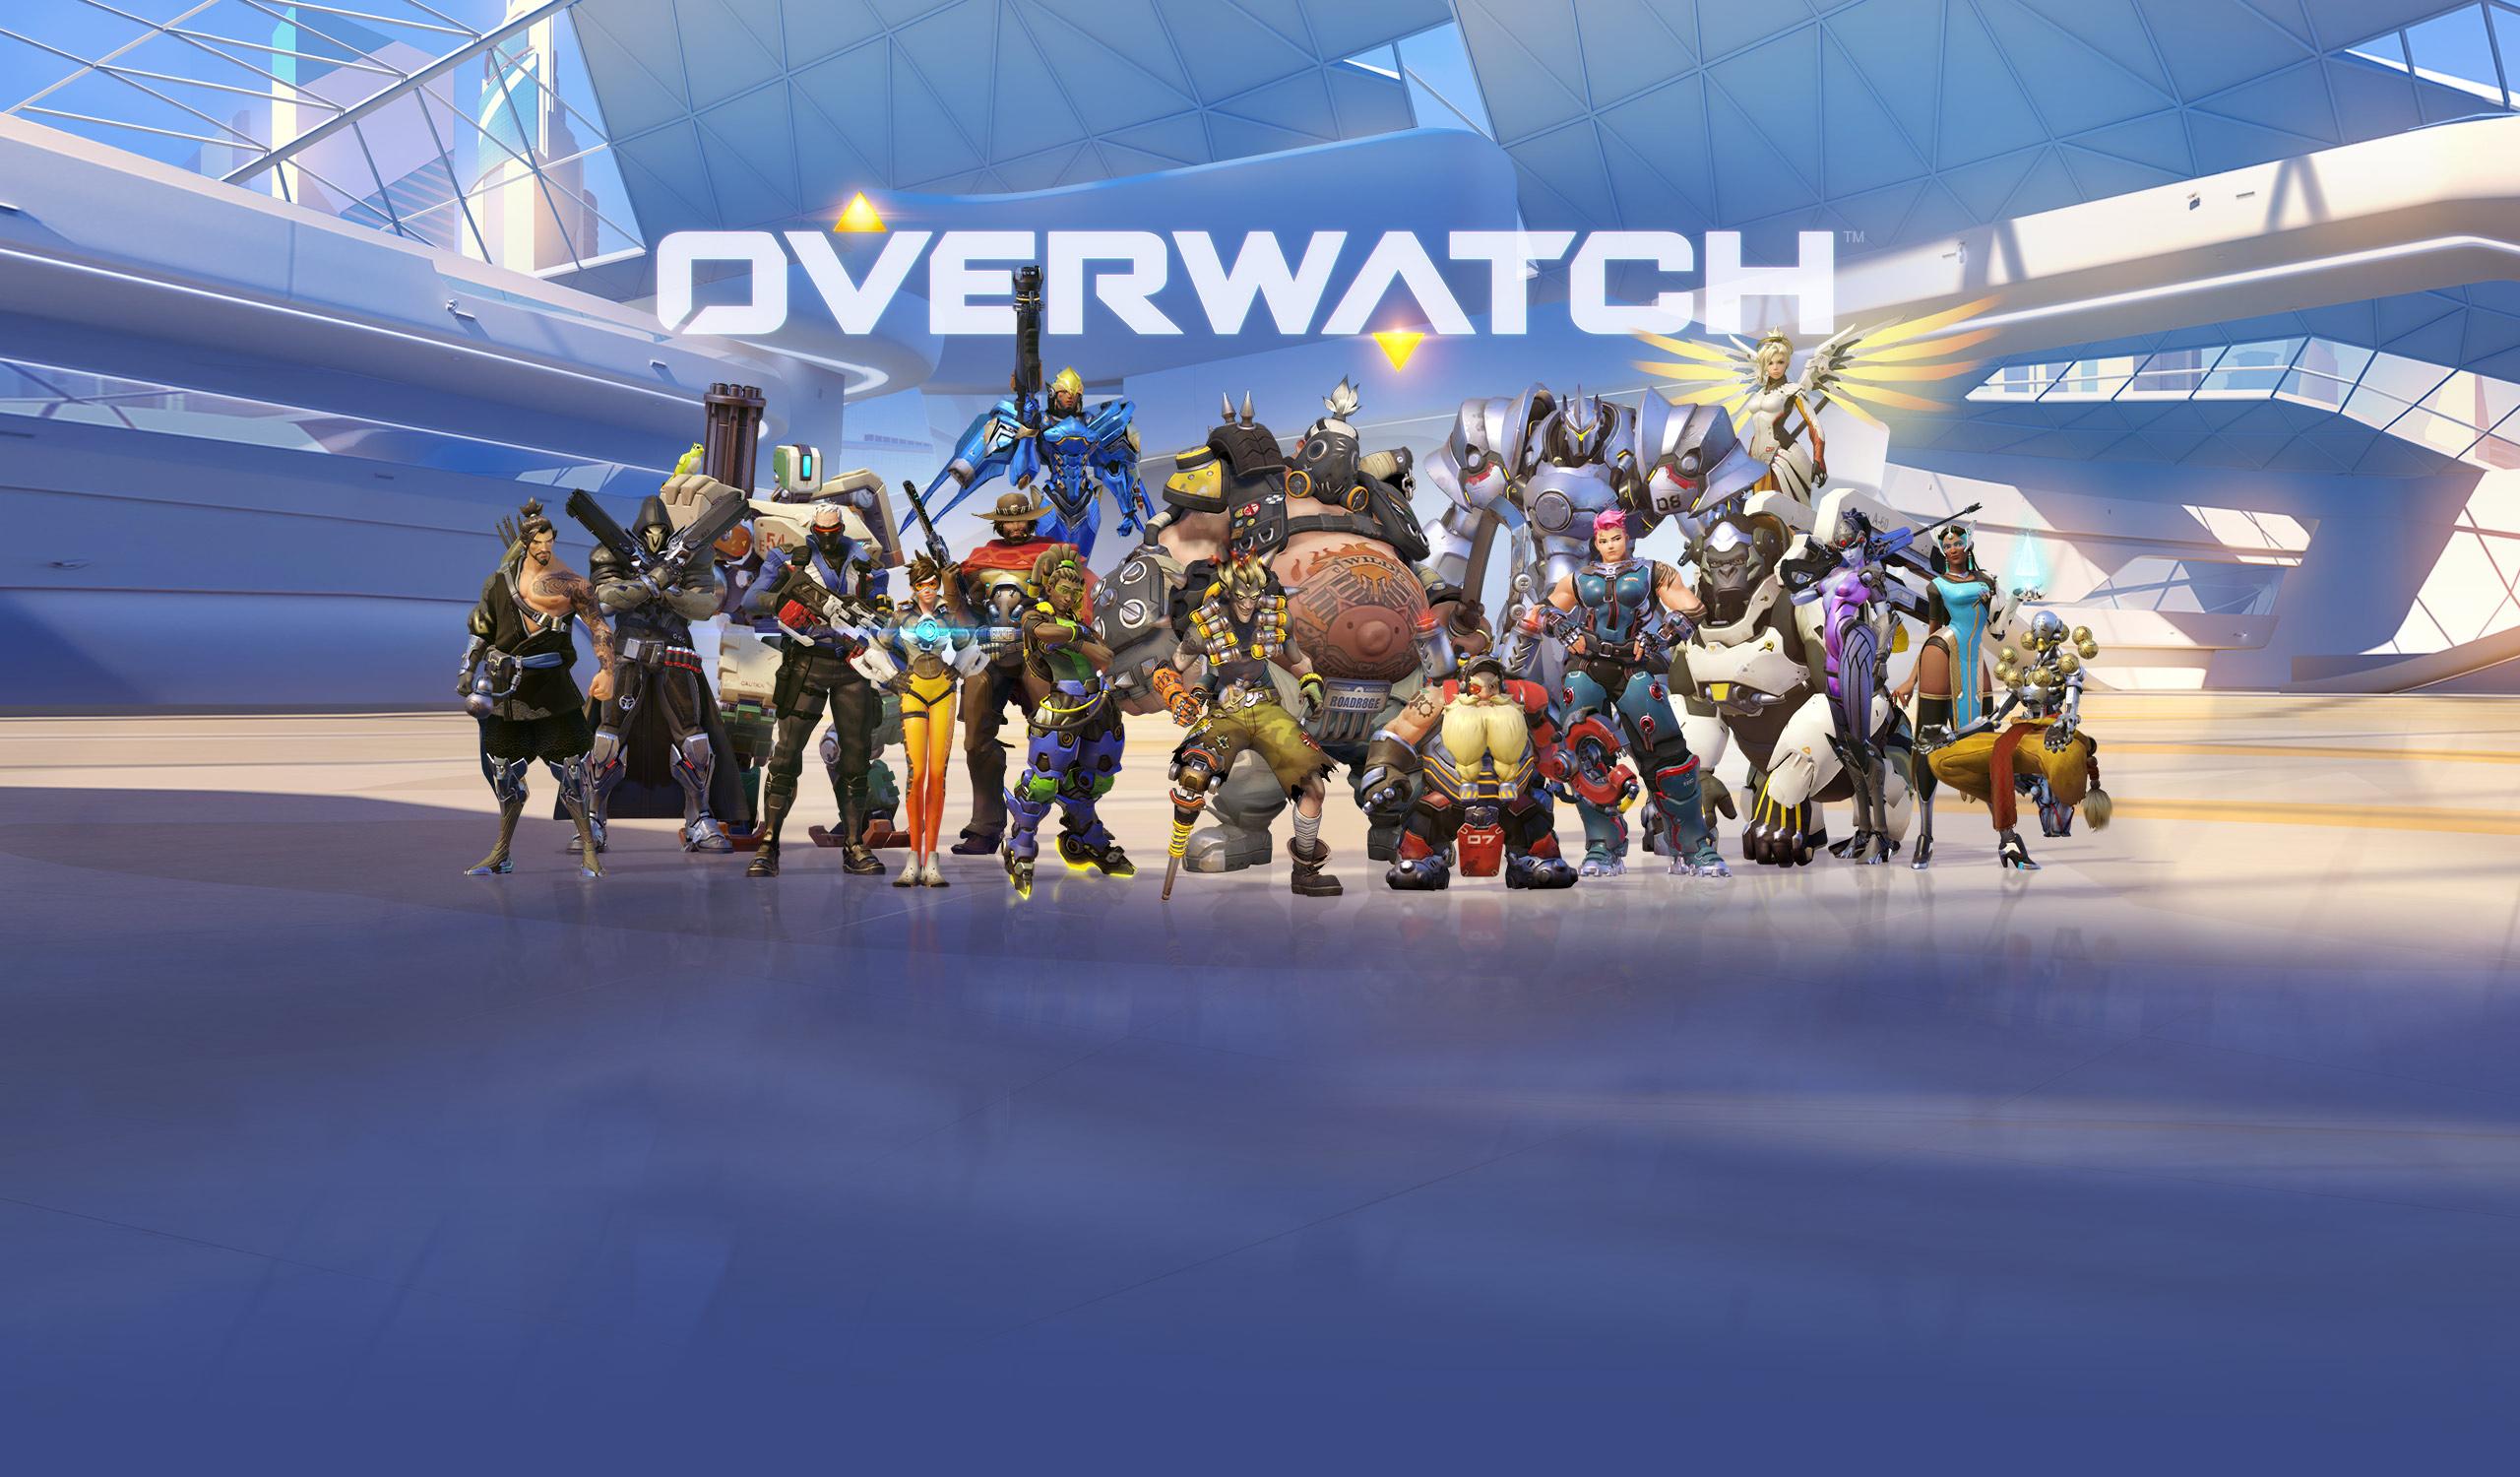 守望先锋壁纸:overwatch wallpaper